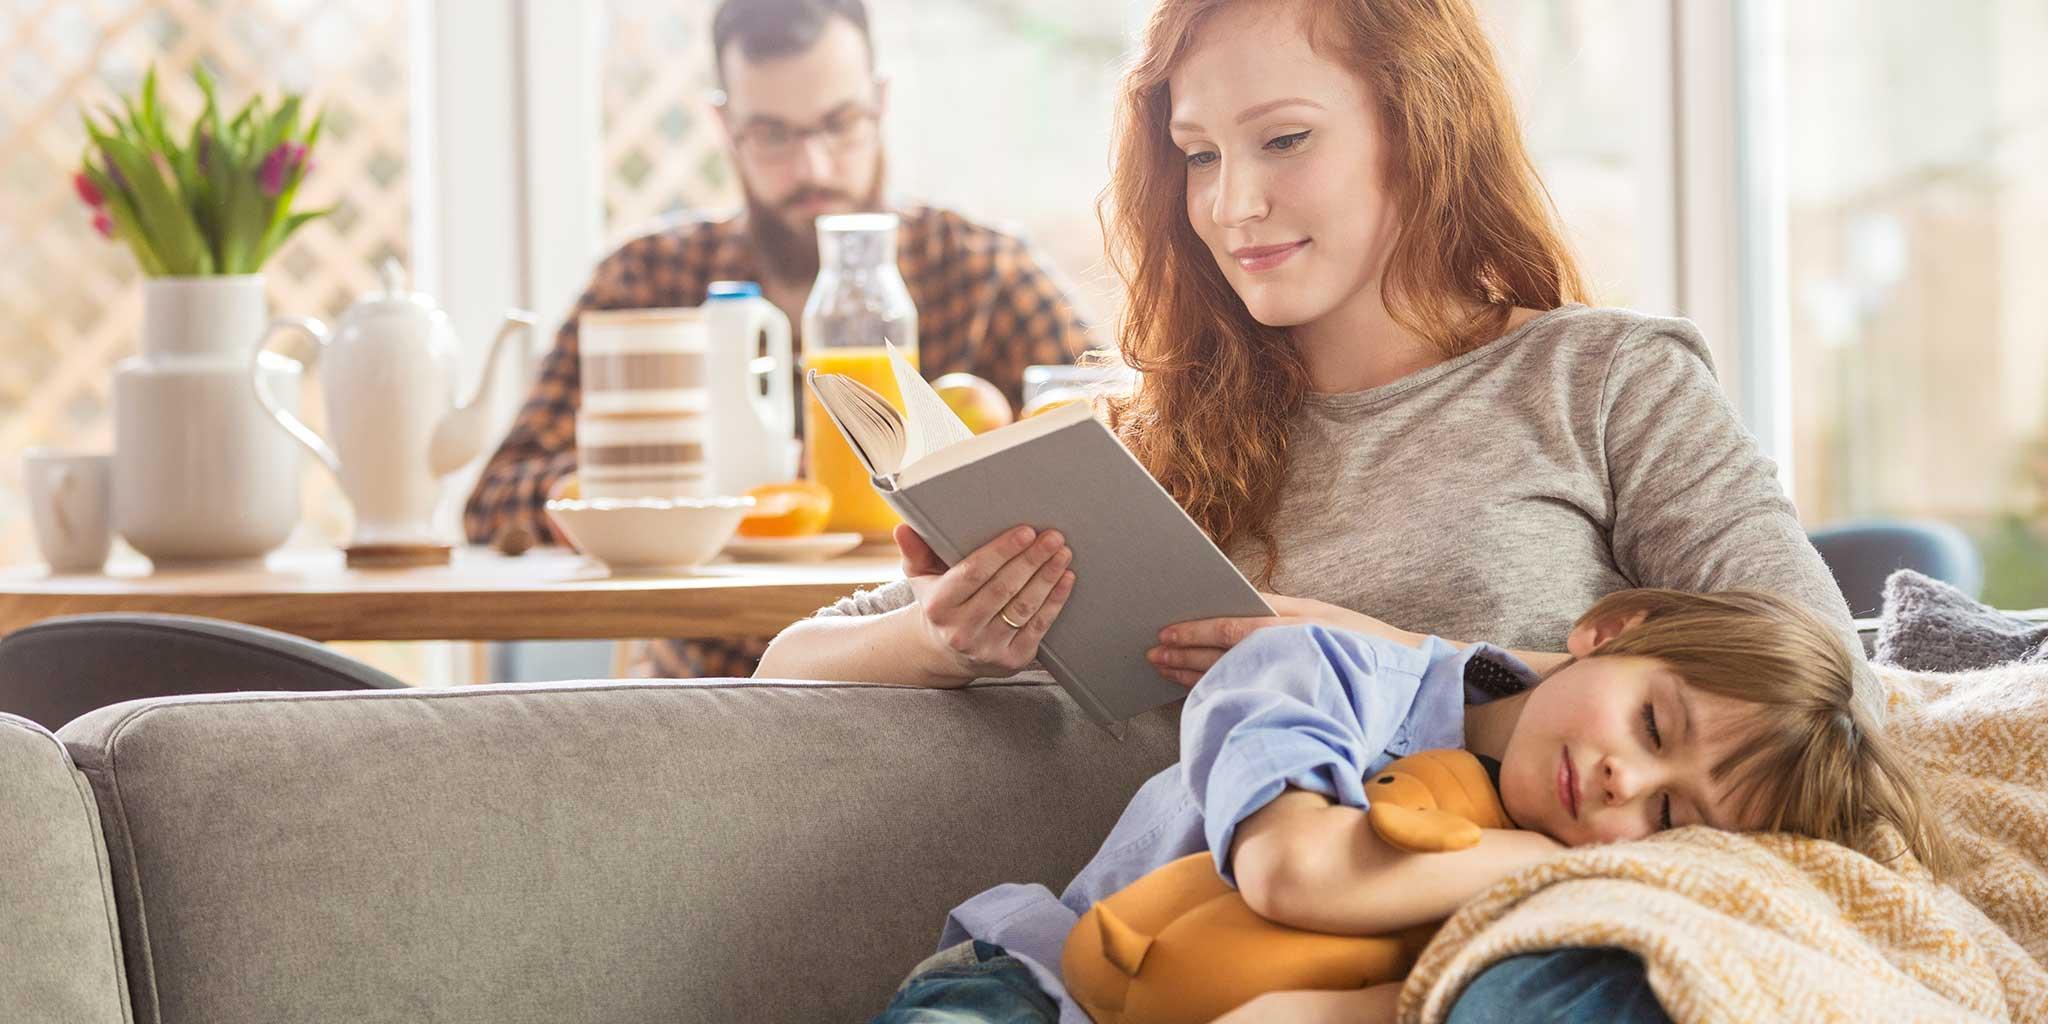 FokusMijnGezin-MeTime- Mama die een boek leest terwijl haar zoon op haar schoot ligt en op de achtergrond is er een man aan tafel